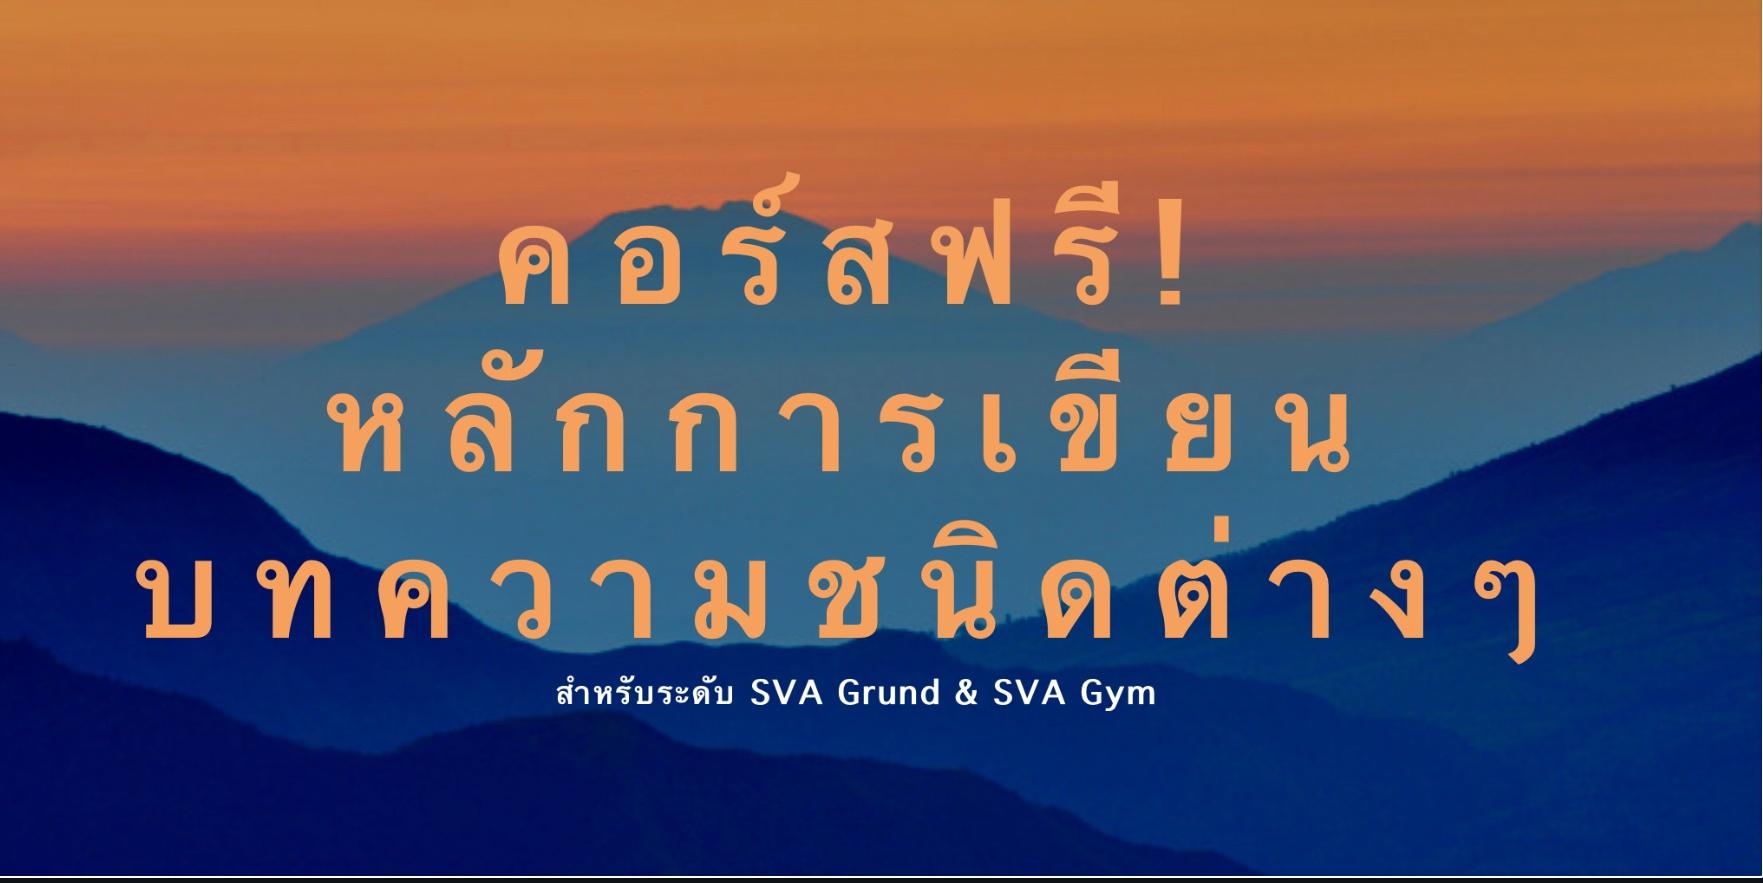 คอร์สฟรี! หลักการเขียนบทความชนิดต่างๆ (SVA Grund & SVA Gym)